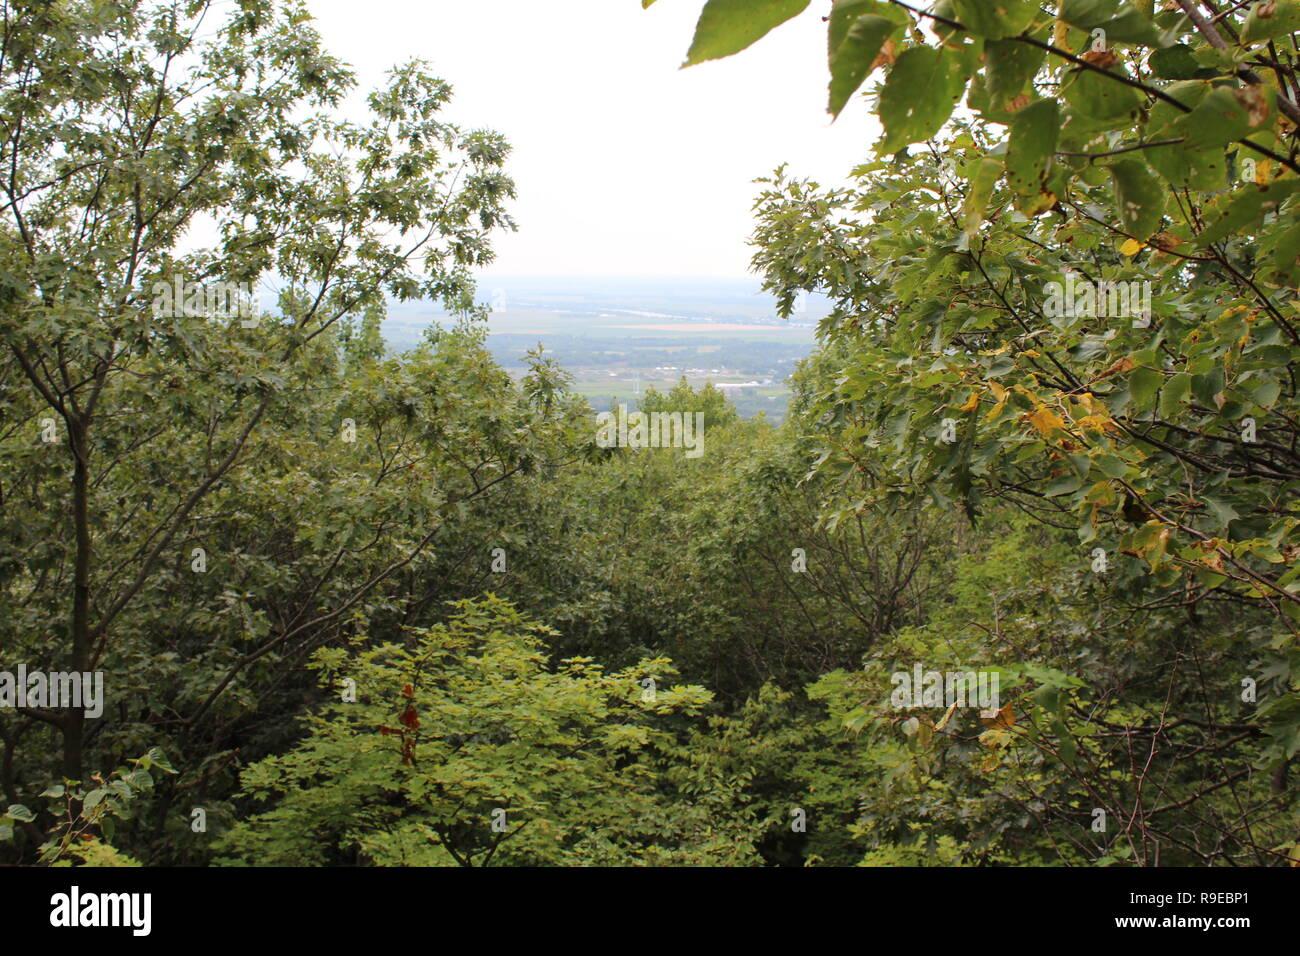 Questa foto è stata scattata in cima del monte Saint-Hilaire in Quebec, Canada in estate. Siamo in grado di vedere i campi che si trovano a nord. Immagini Stock